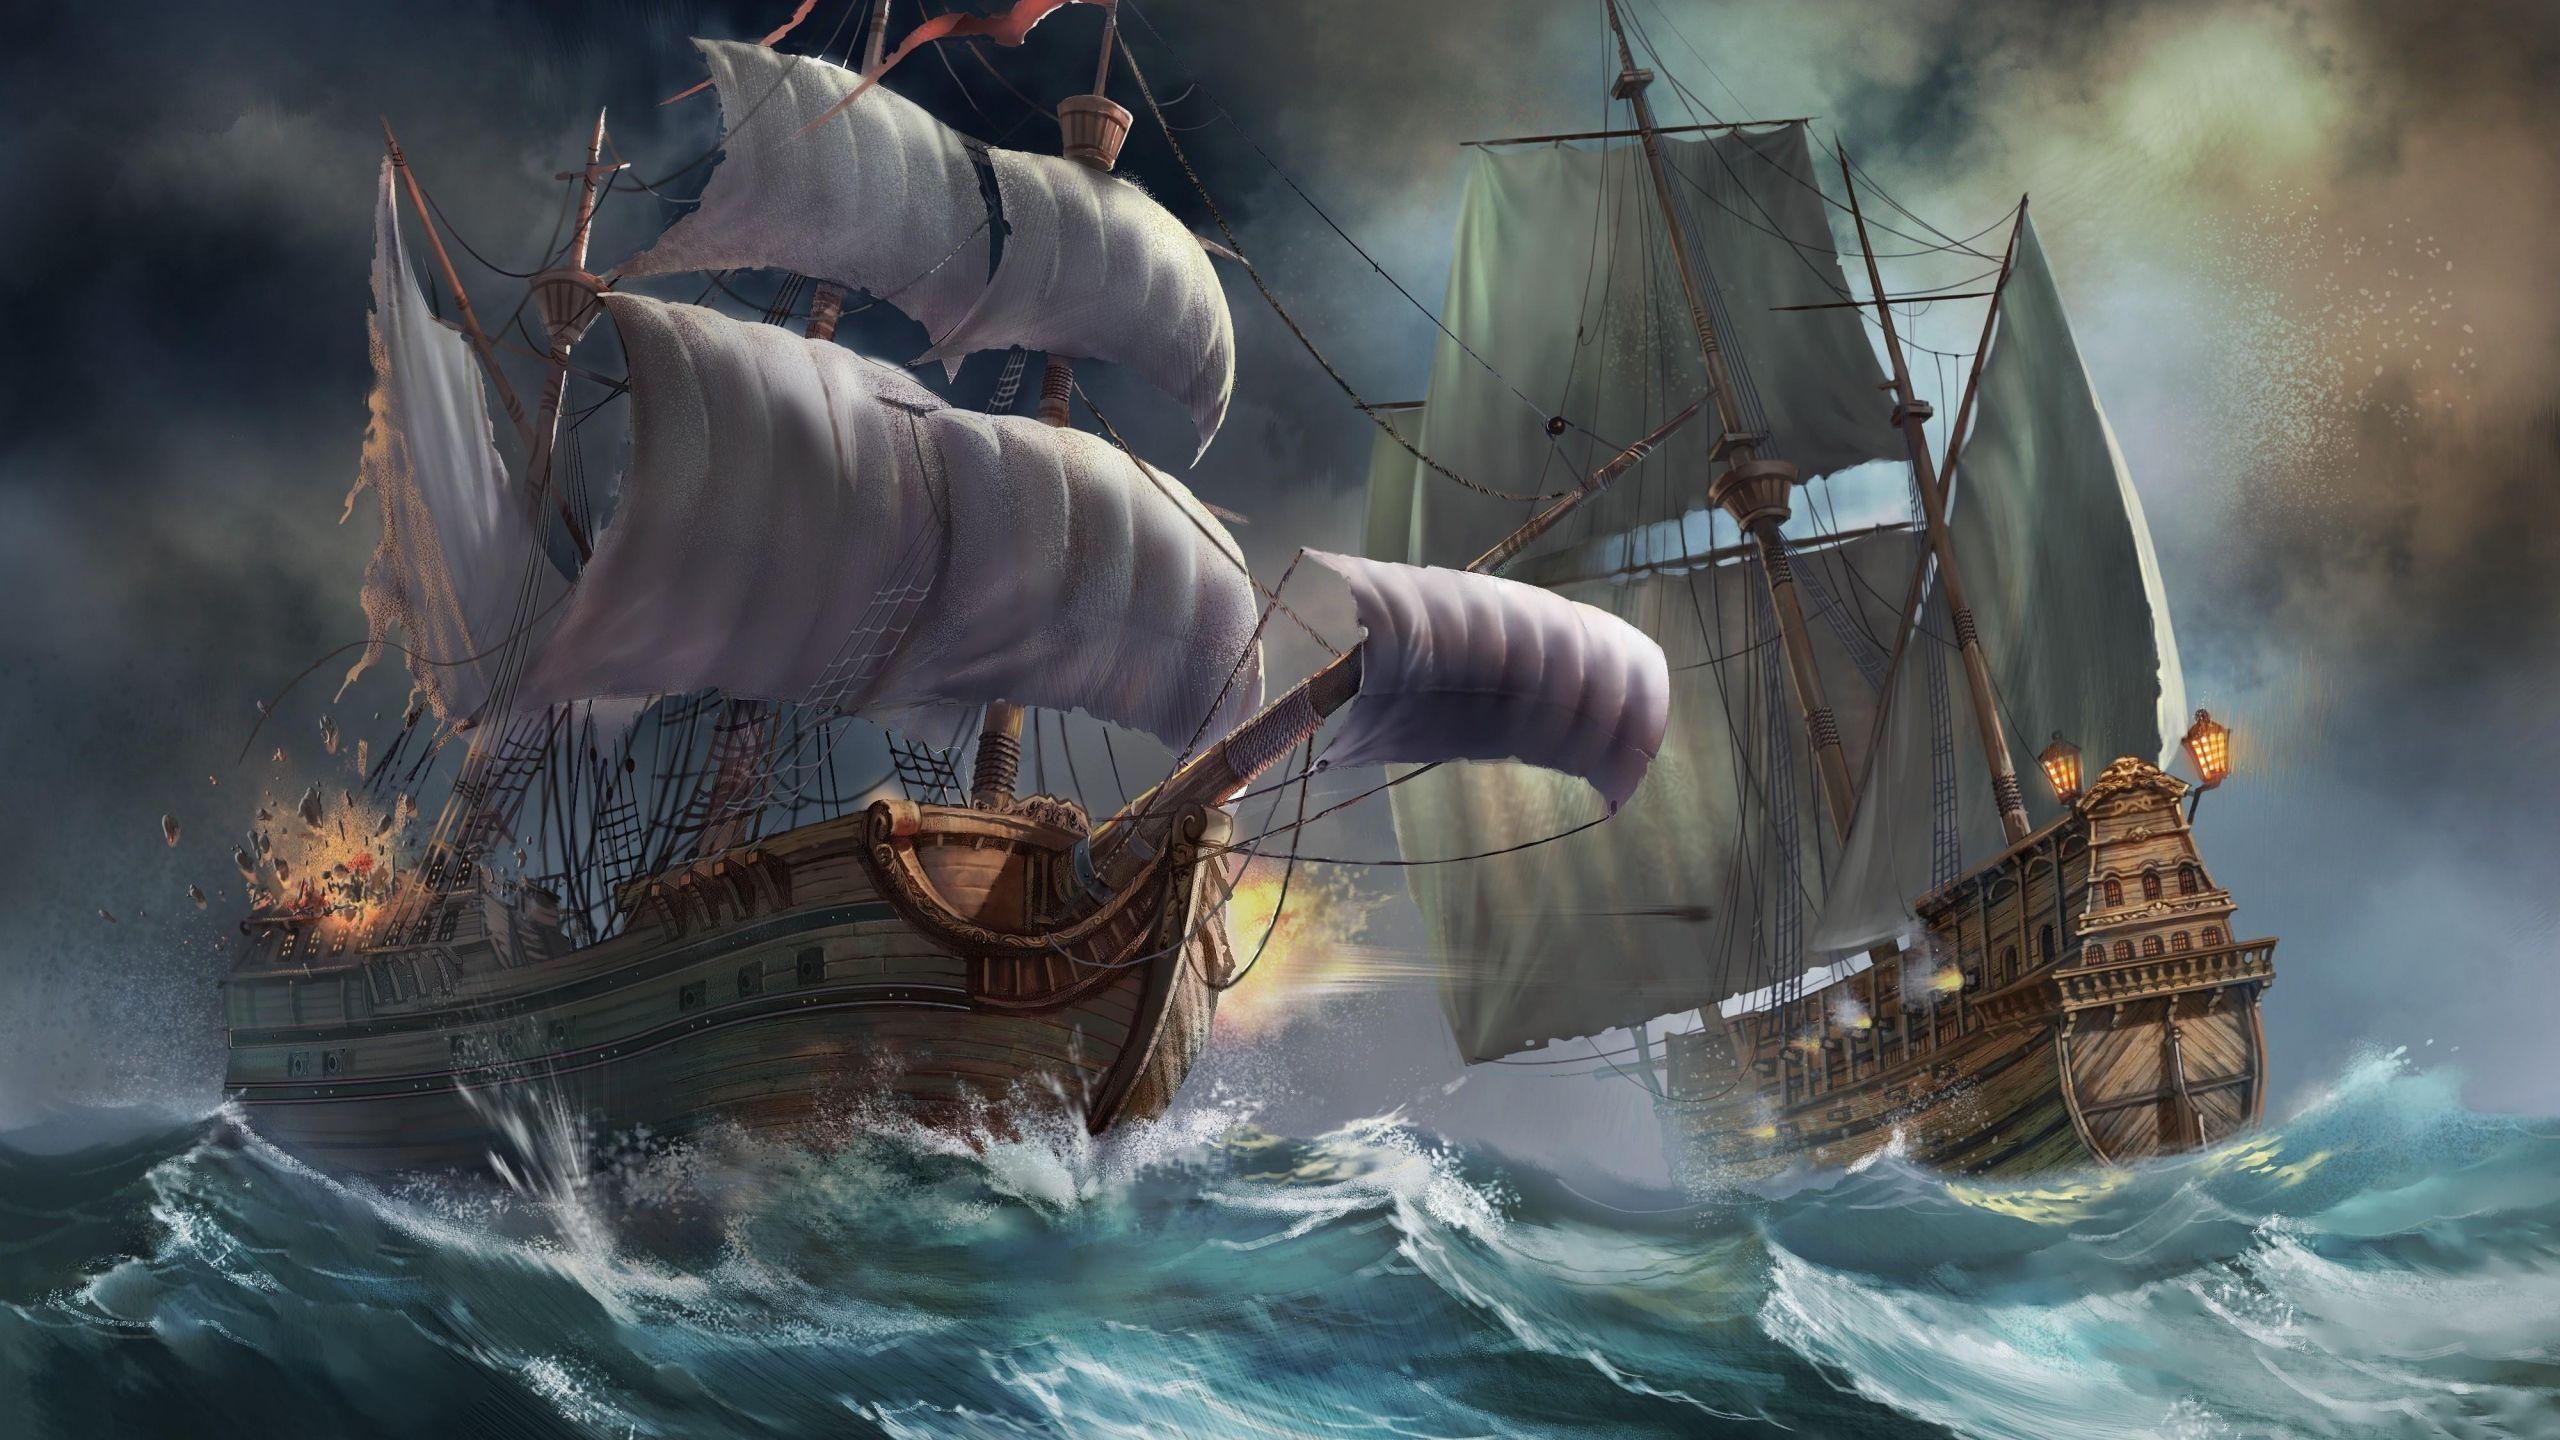 download wallpaper 2560x1440 ships sea storm explosion mac imac